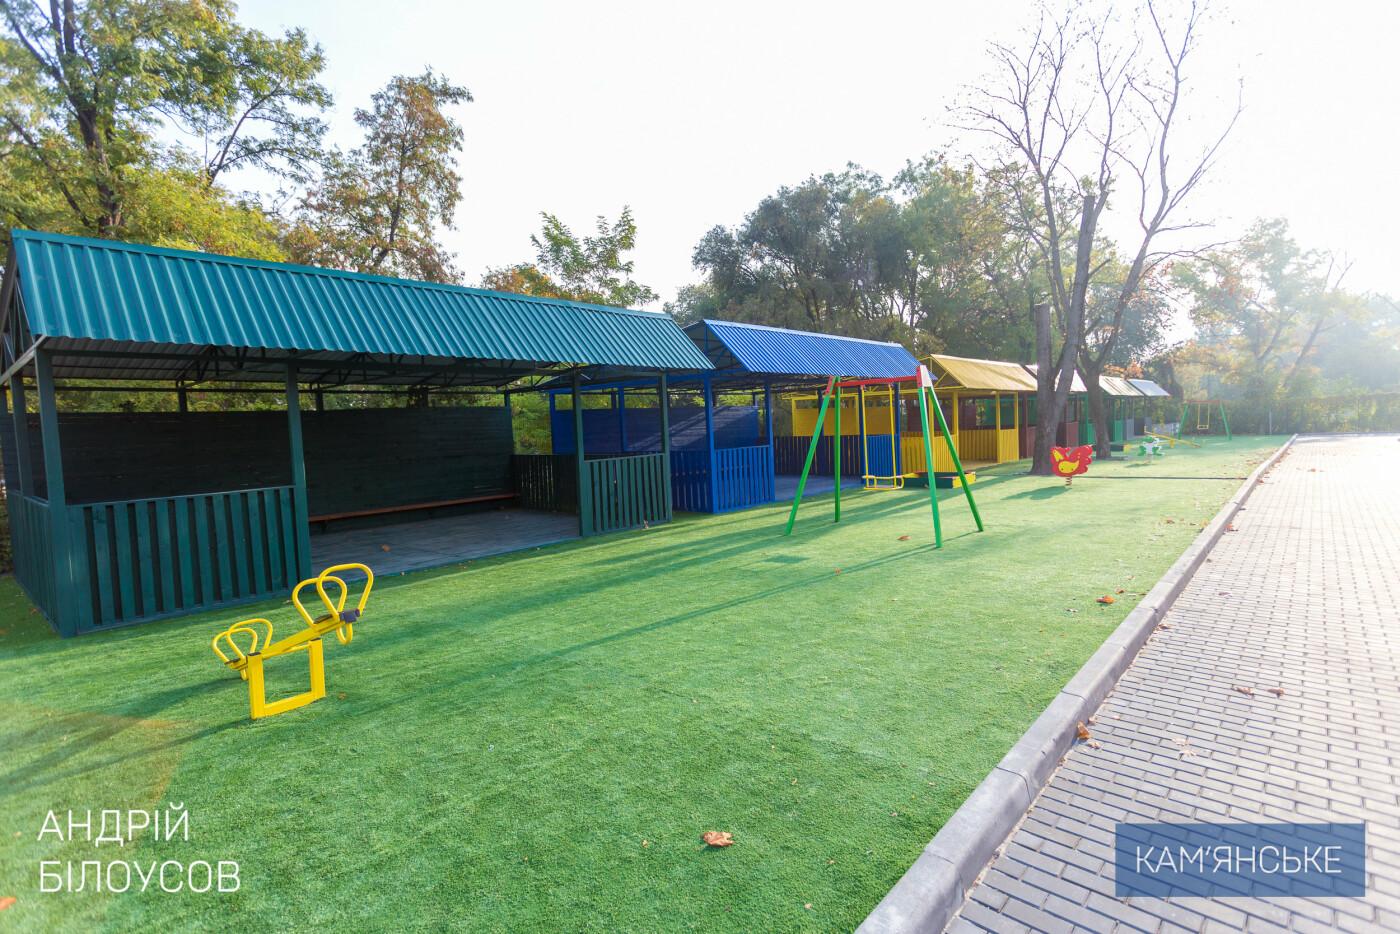 В Каменском на Черемушках открыли после реконструкции новый детский сад на 110 мест, фото-3